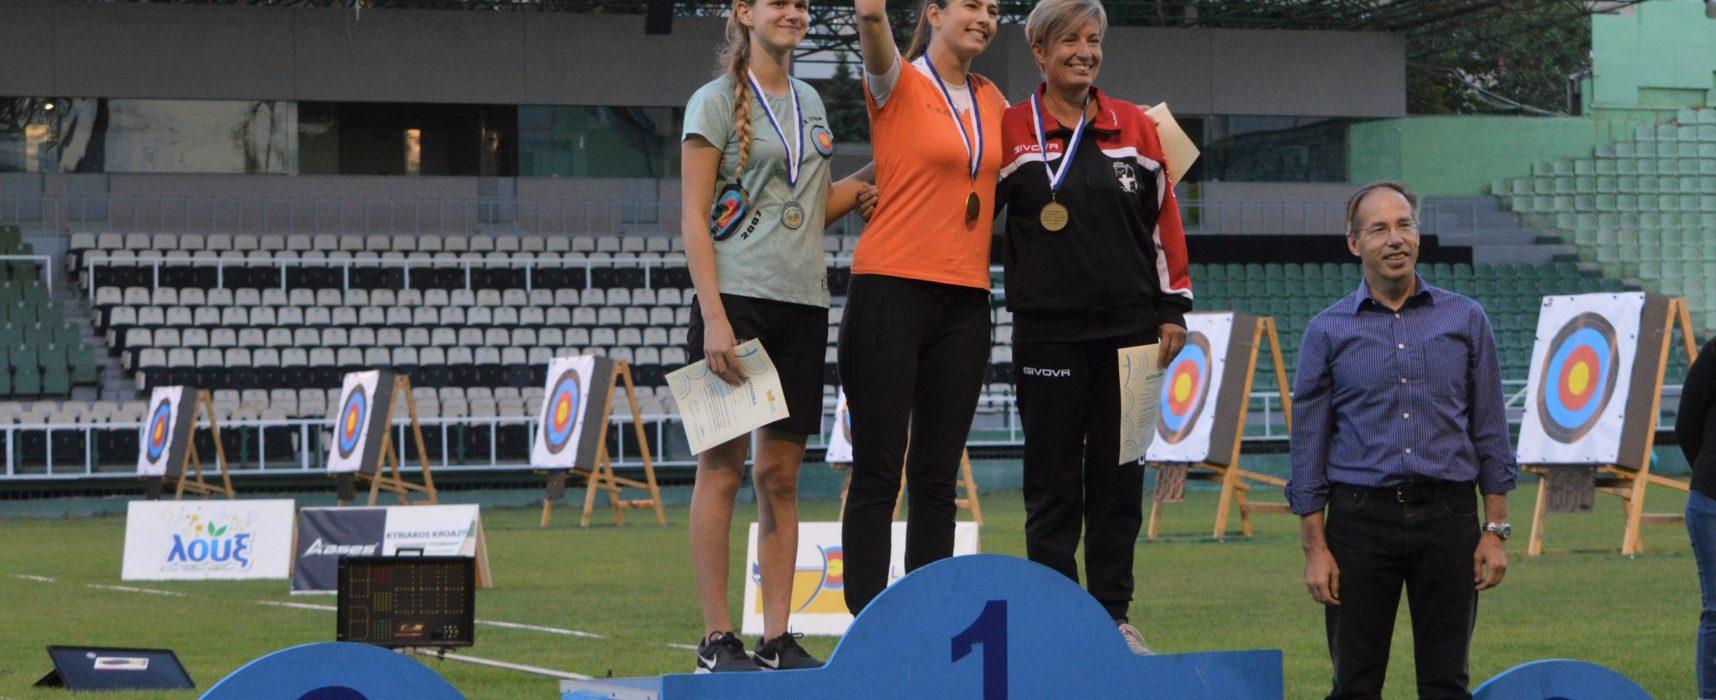 Ο Γ.Γ.Α. Γιώργος Μαυρωτάς παρακολούθησε το Πρωτάθλημα Τοξοβολίας  στο γήπεδο «Απόστολος Νικολαϊδης»